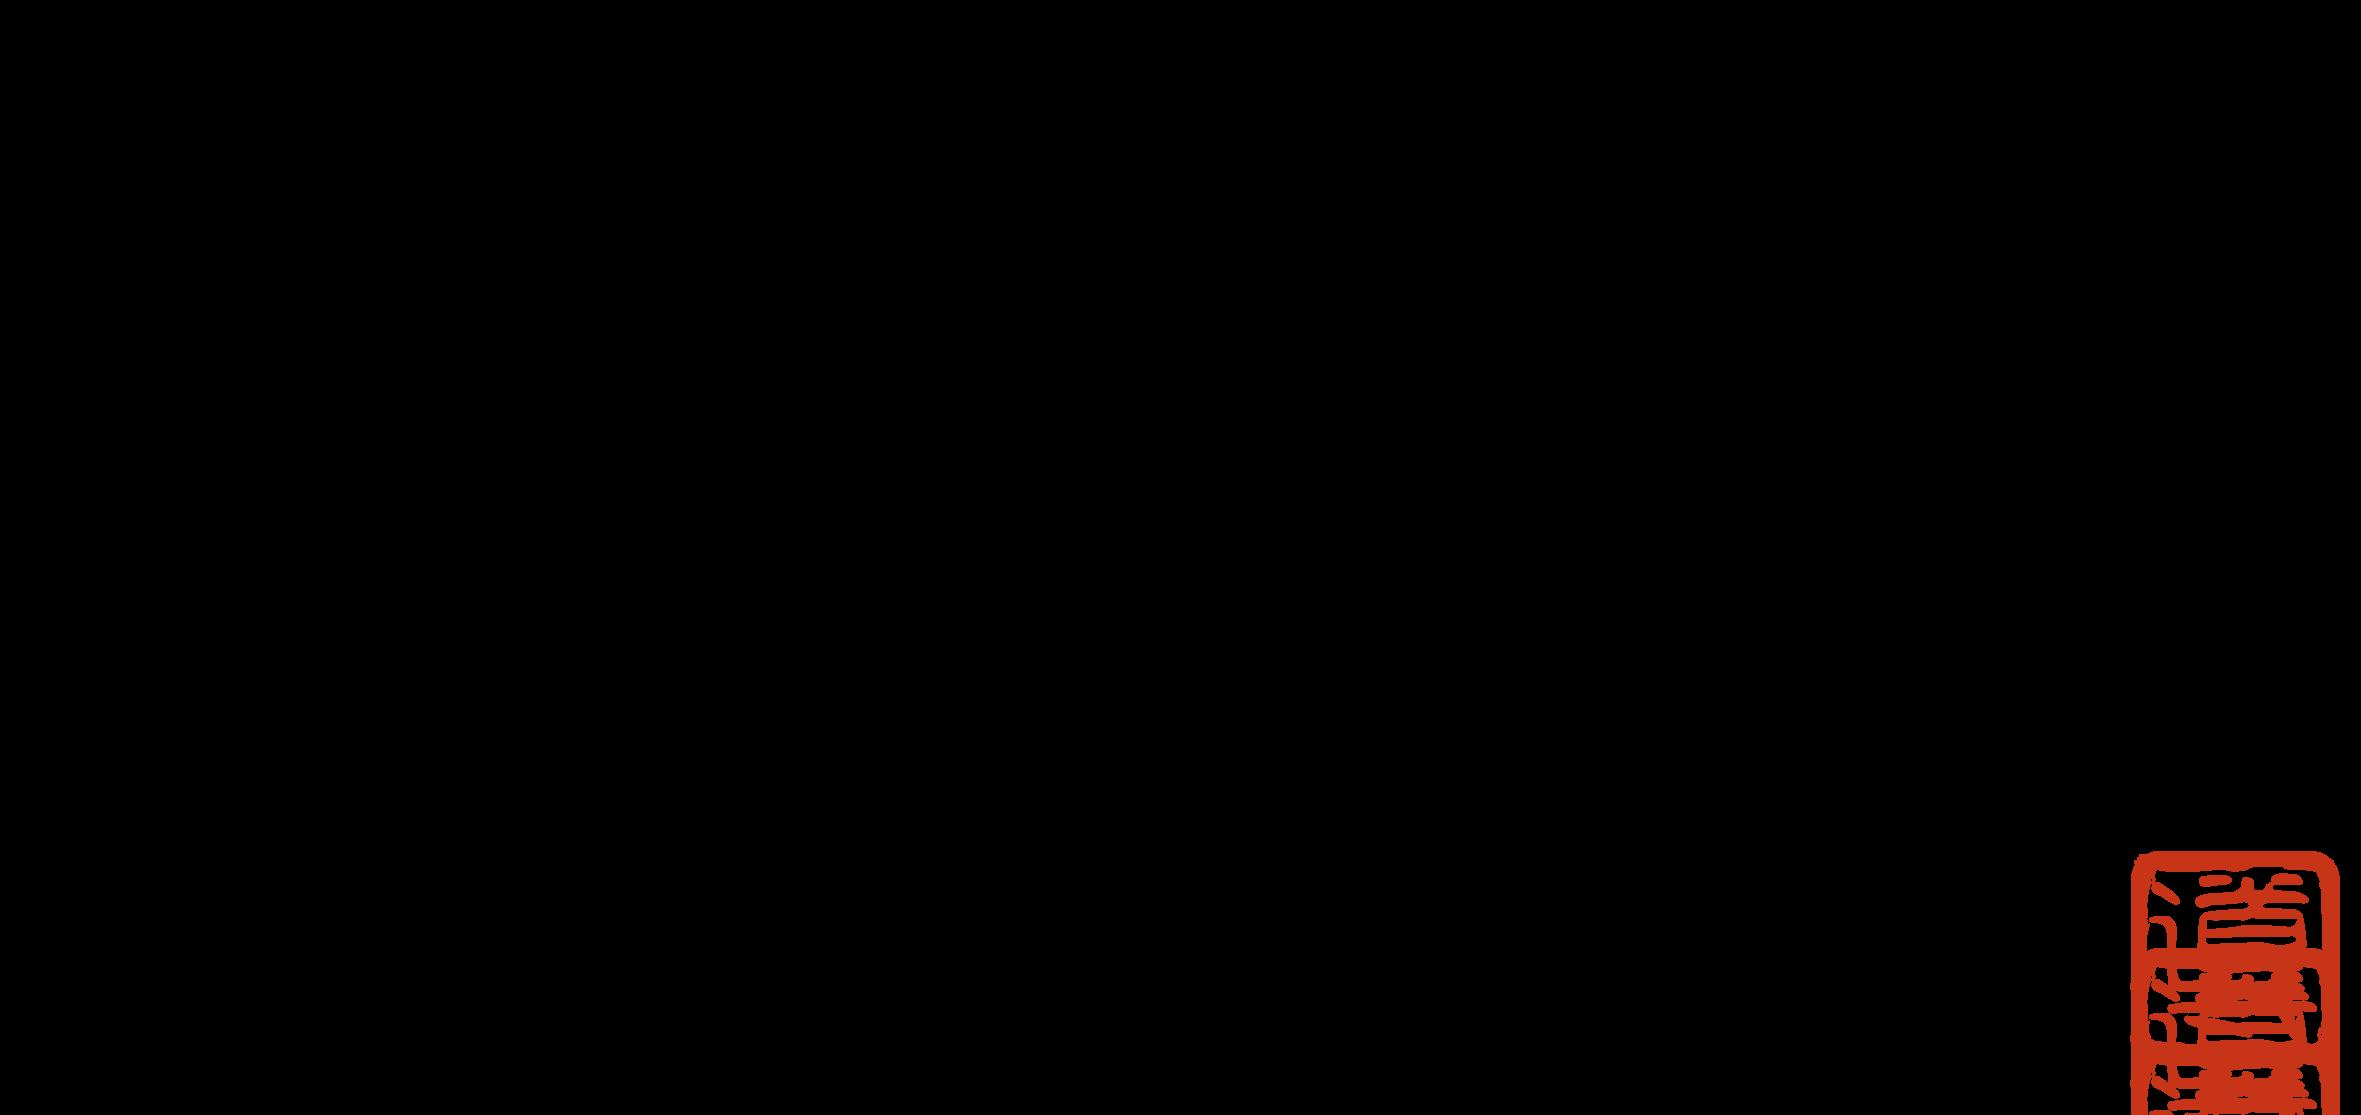 小売業と和風/筆タッチと黒のロゴ